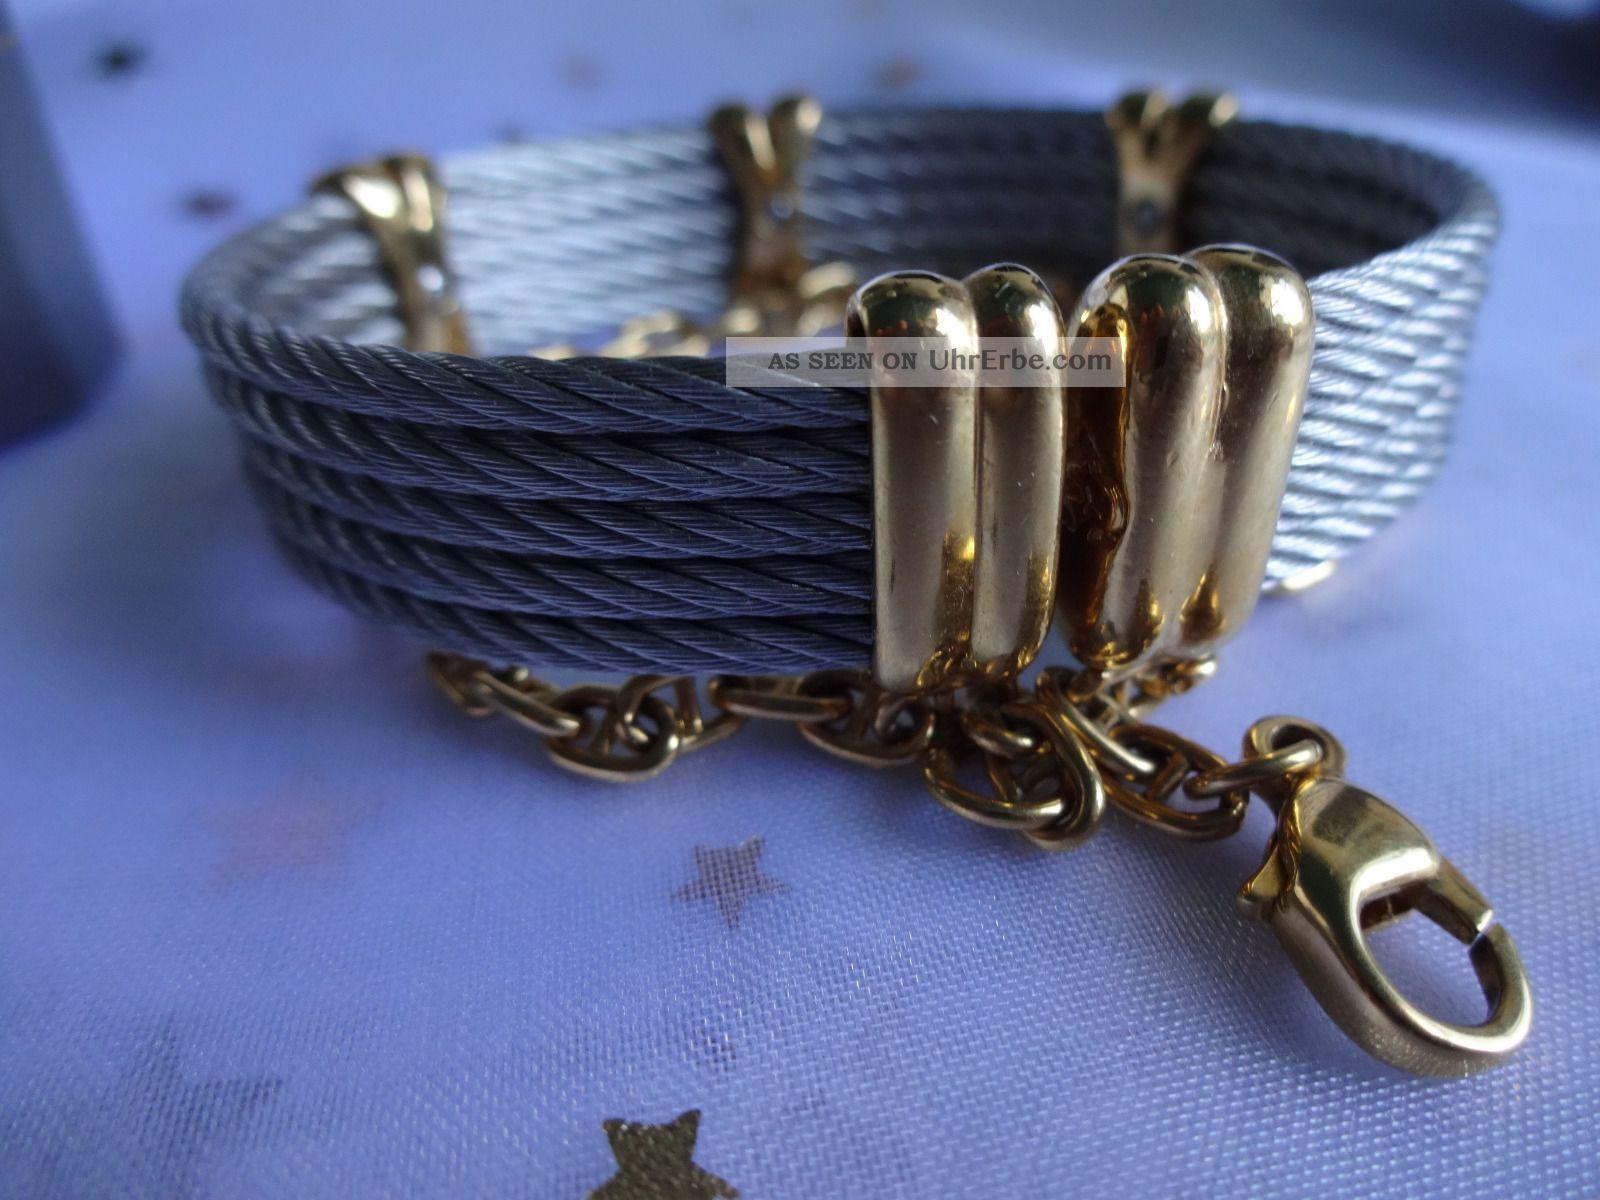 Paris Luxus VPhilippe Armband Weihnachten UOhrringe Charriol NwOn0m8Pyv